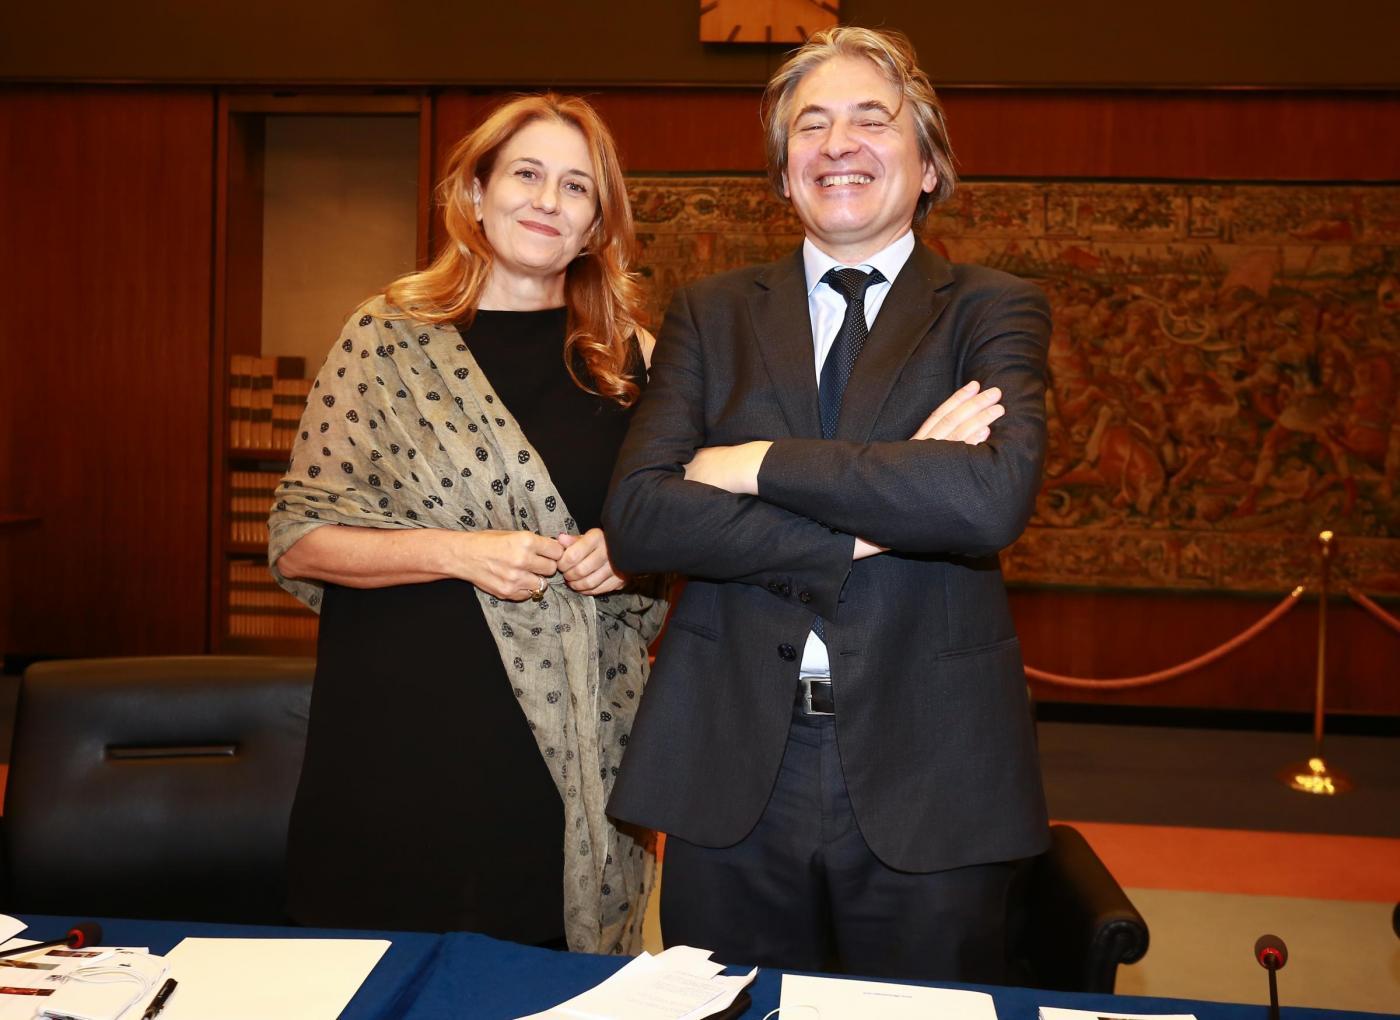 Stipendi Rai online 2016, Antonio Campo Dall'Orto e Monica Maggioni